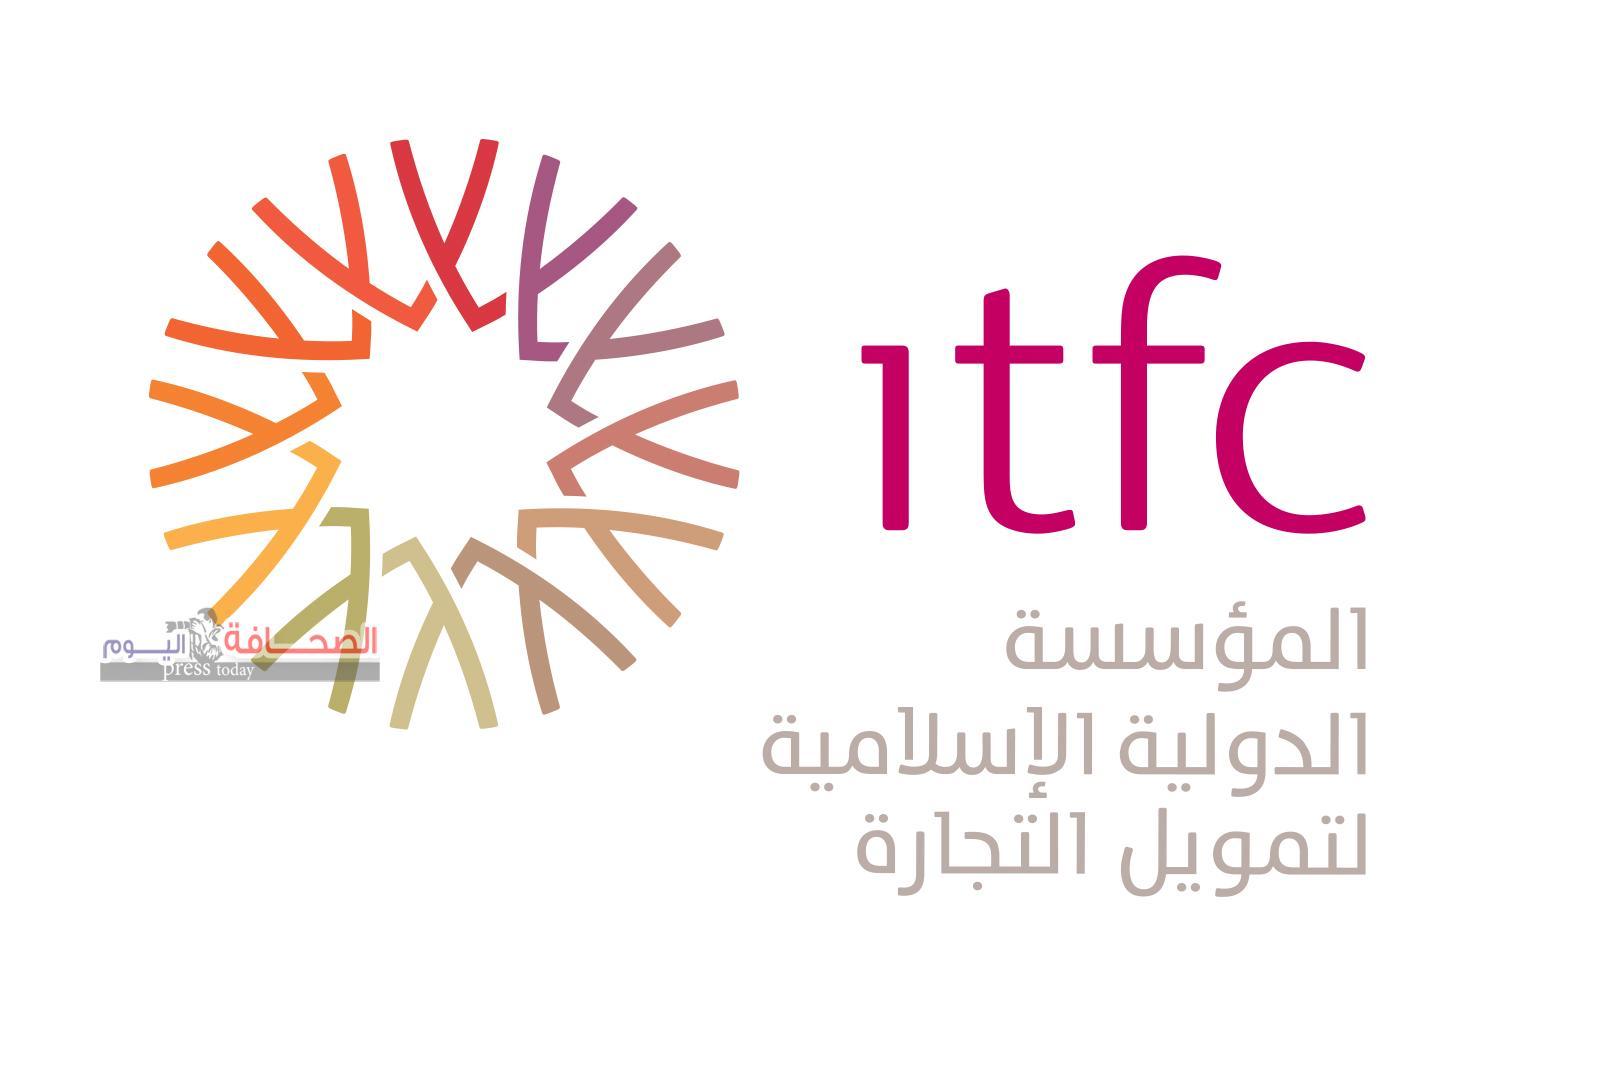 المؤسسة الدولية الاسلامية لتمويل التجارة ( ITFC)  تحتفل بمرور عشر سنوات على تأسيسها